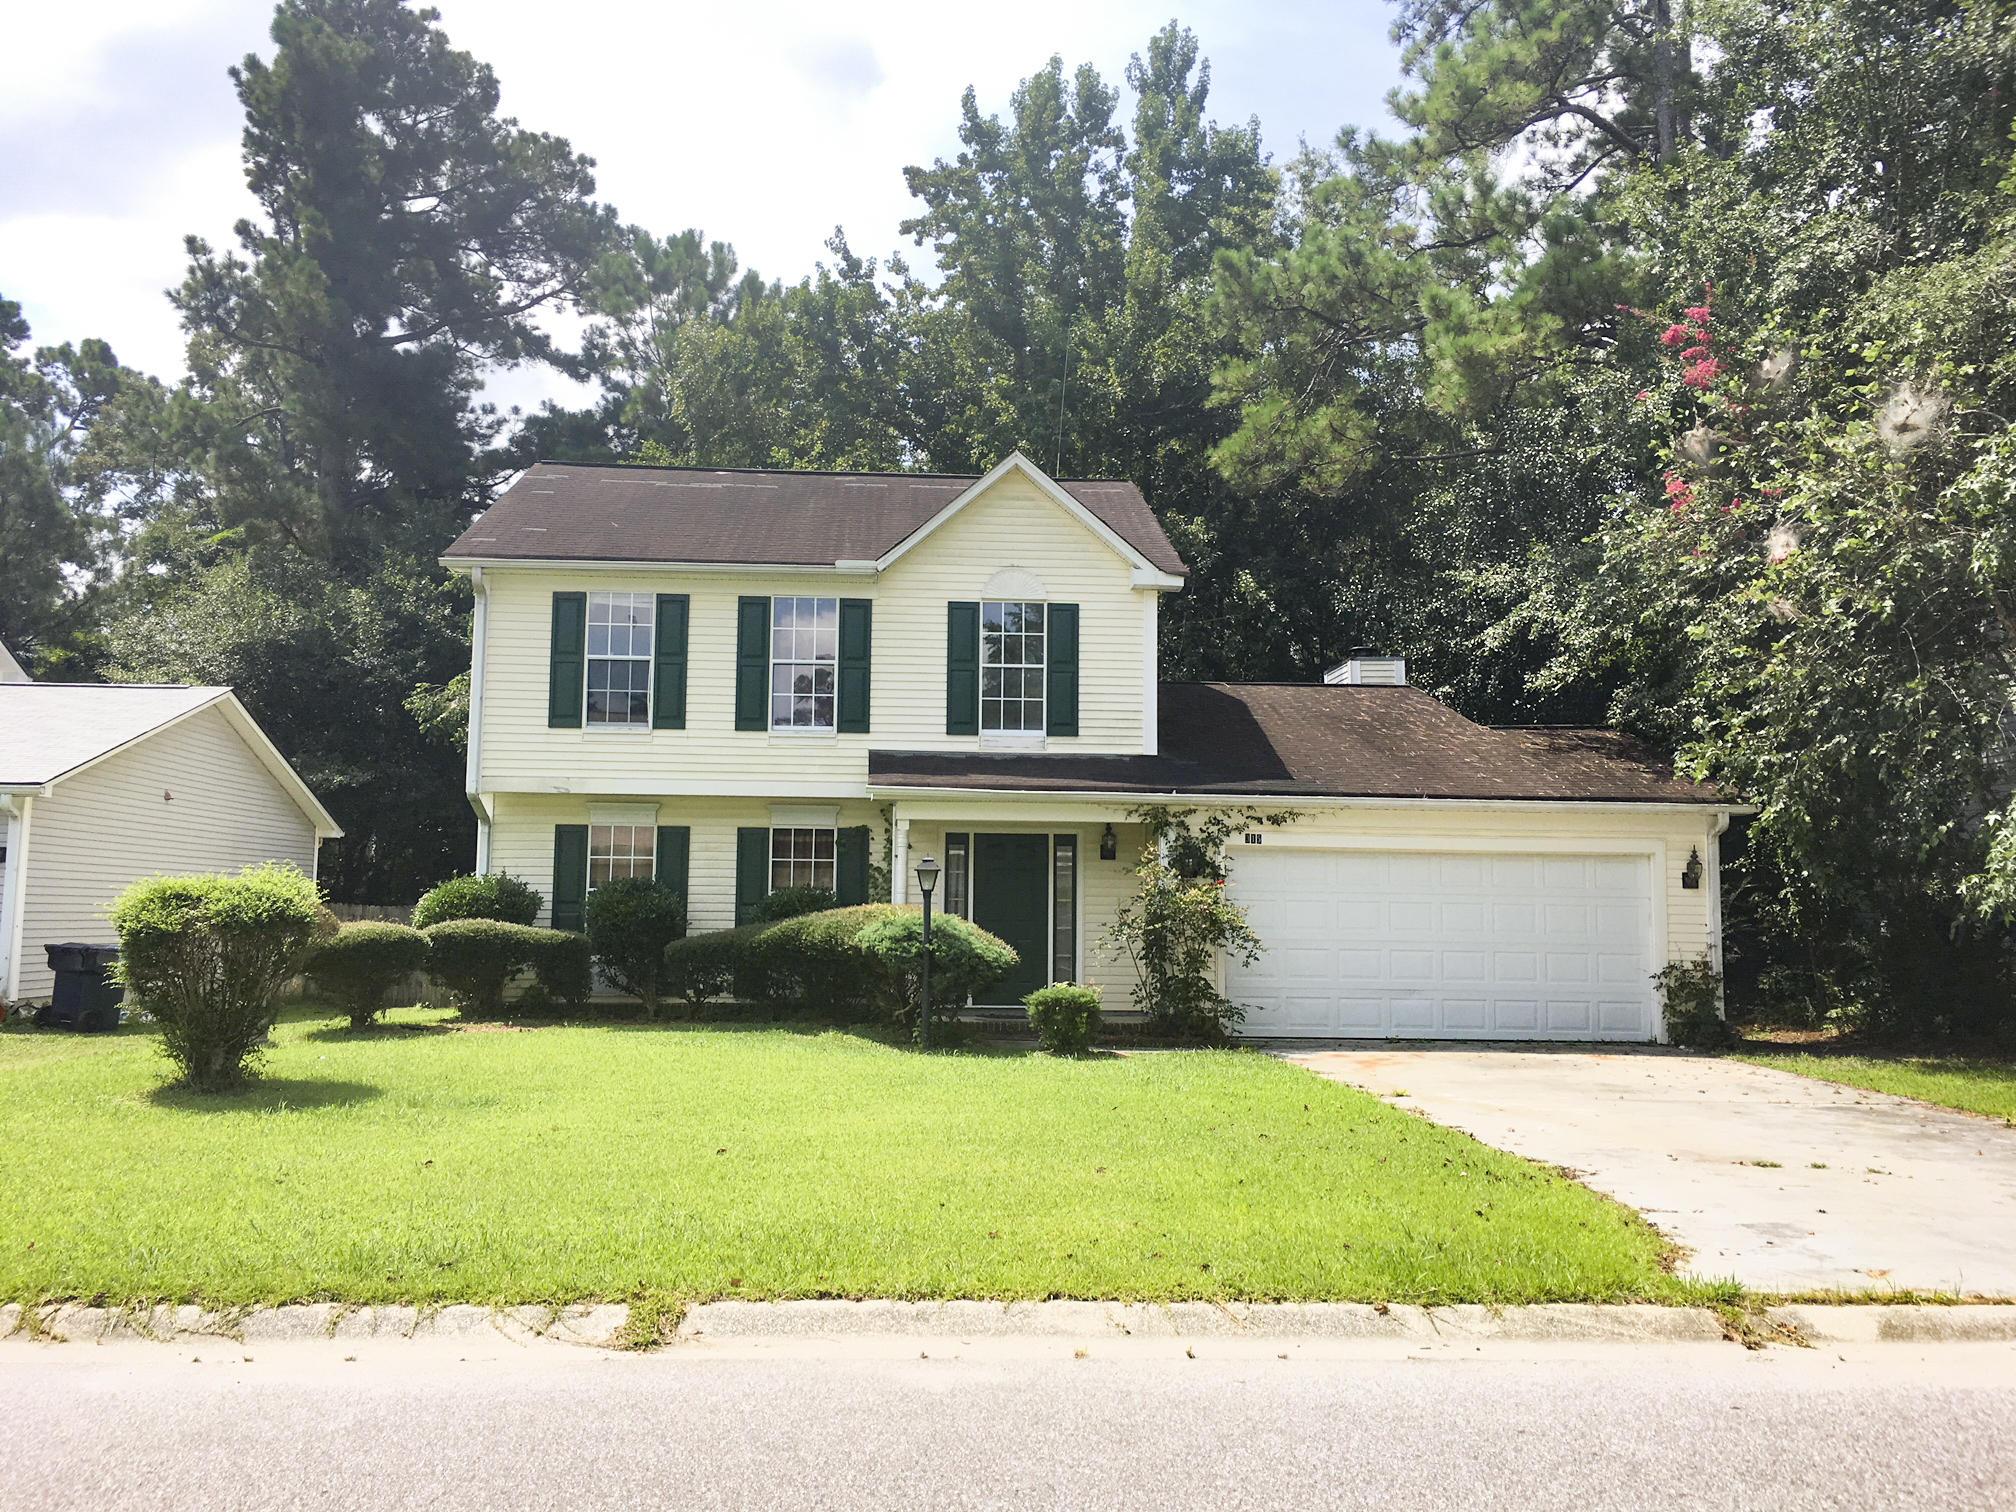 Kensington Park Homes For Sale - 315 Damascus, Summerville, SC - 10